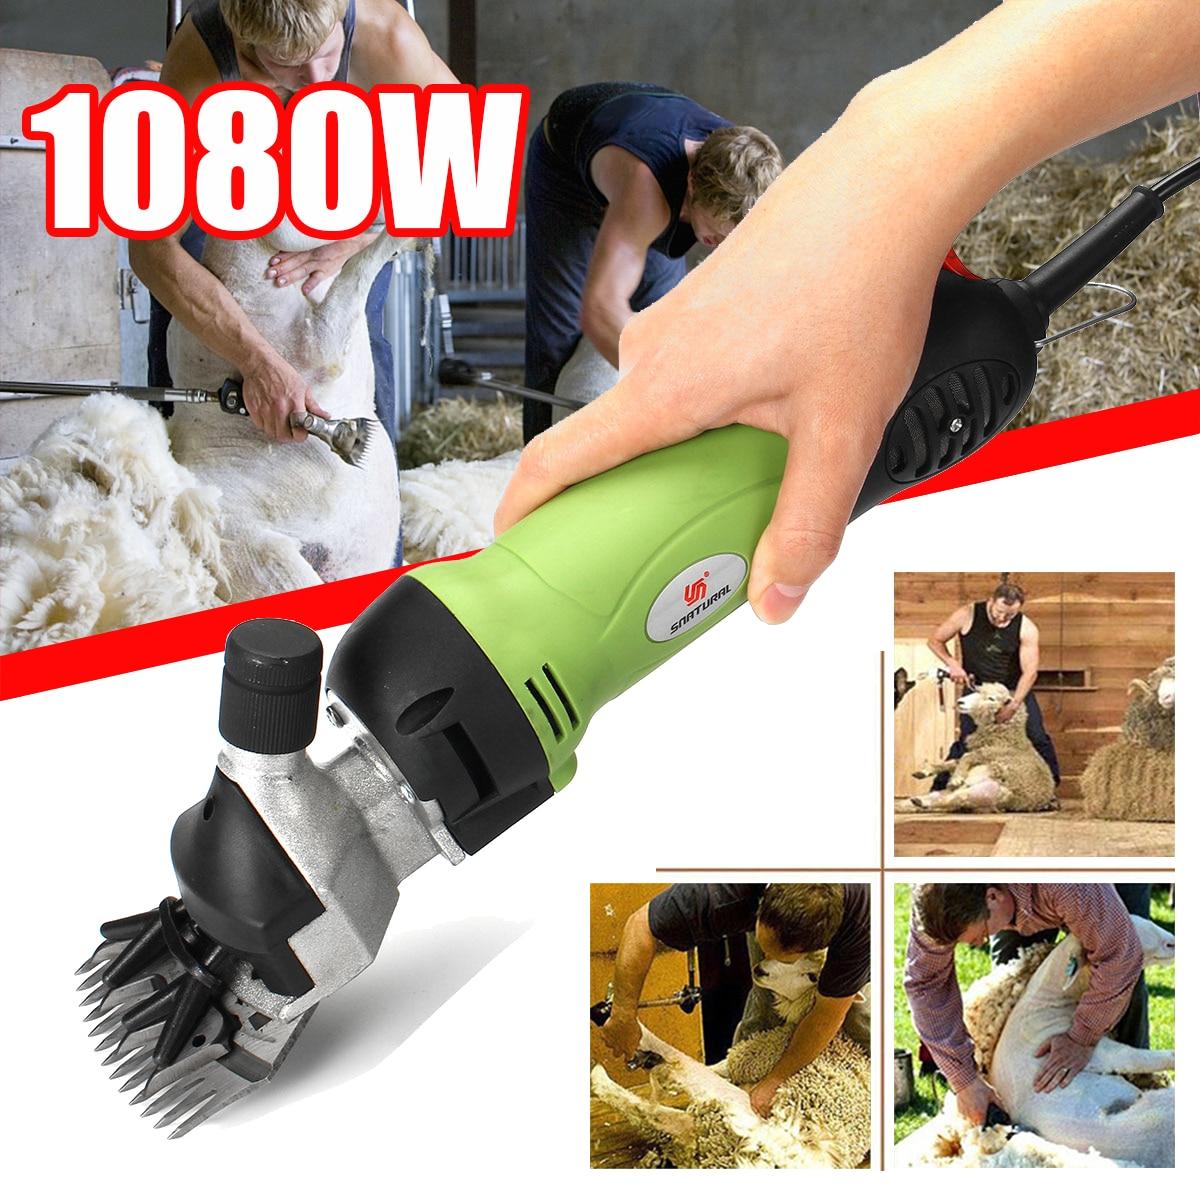 1080W Sheep Shearing Machines Electric Scissor Sheep Clippers Sheep Goats Alpaca Shears Animal Hair Shearing Cutter Wool Machine